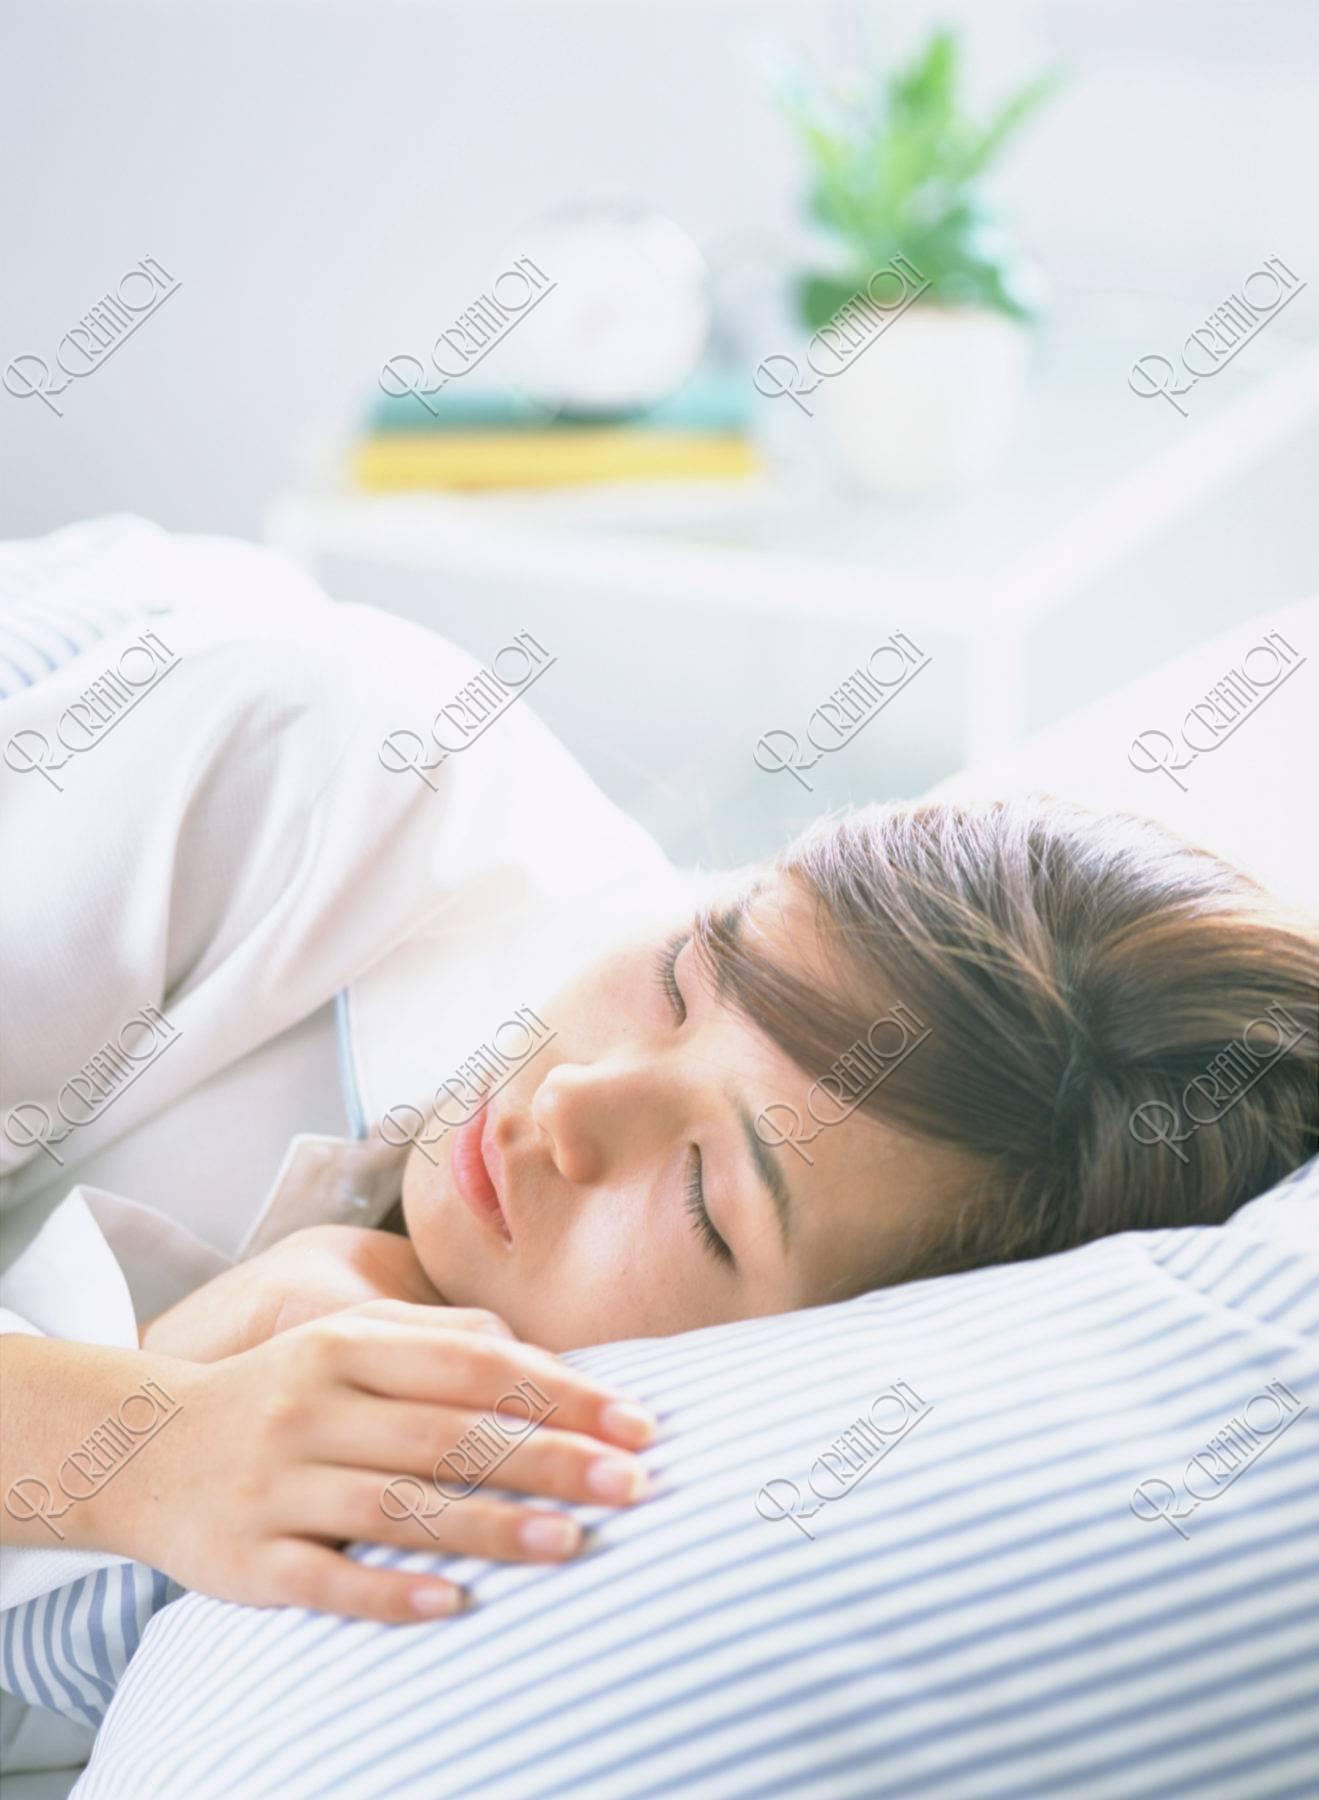 ベッドで寝る女性